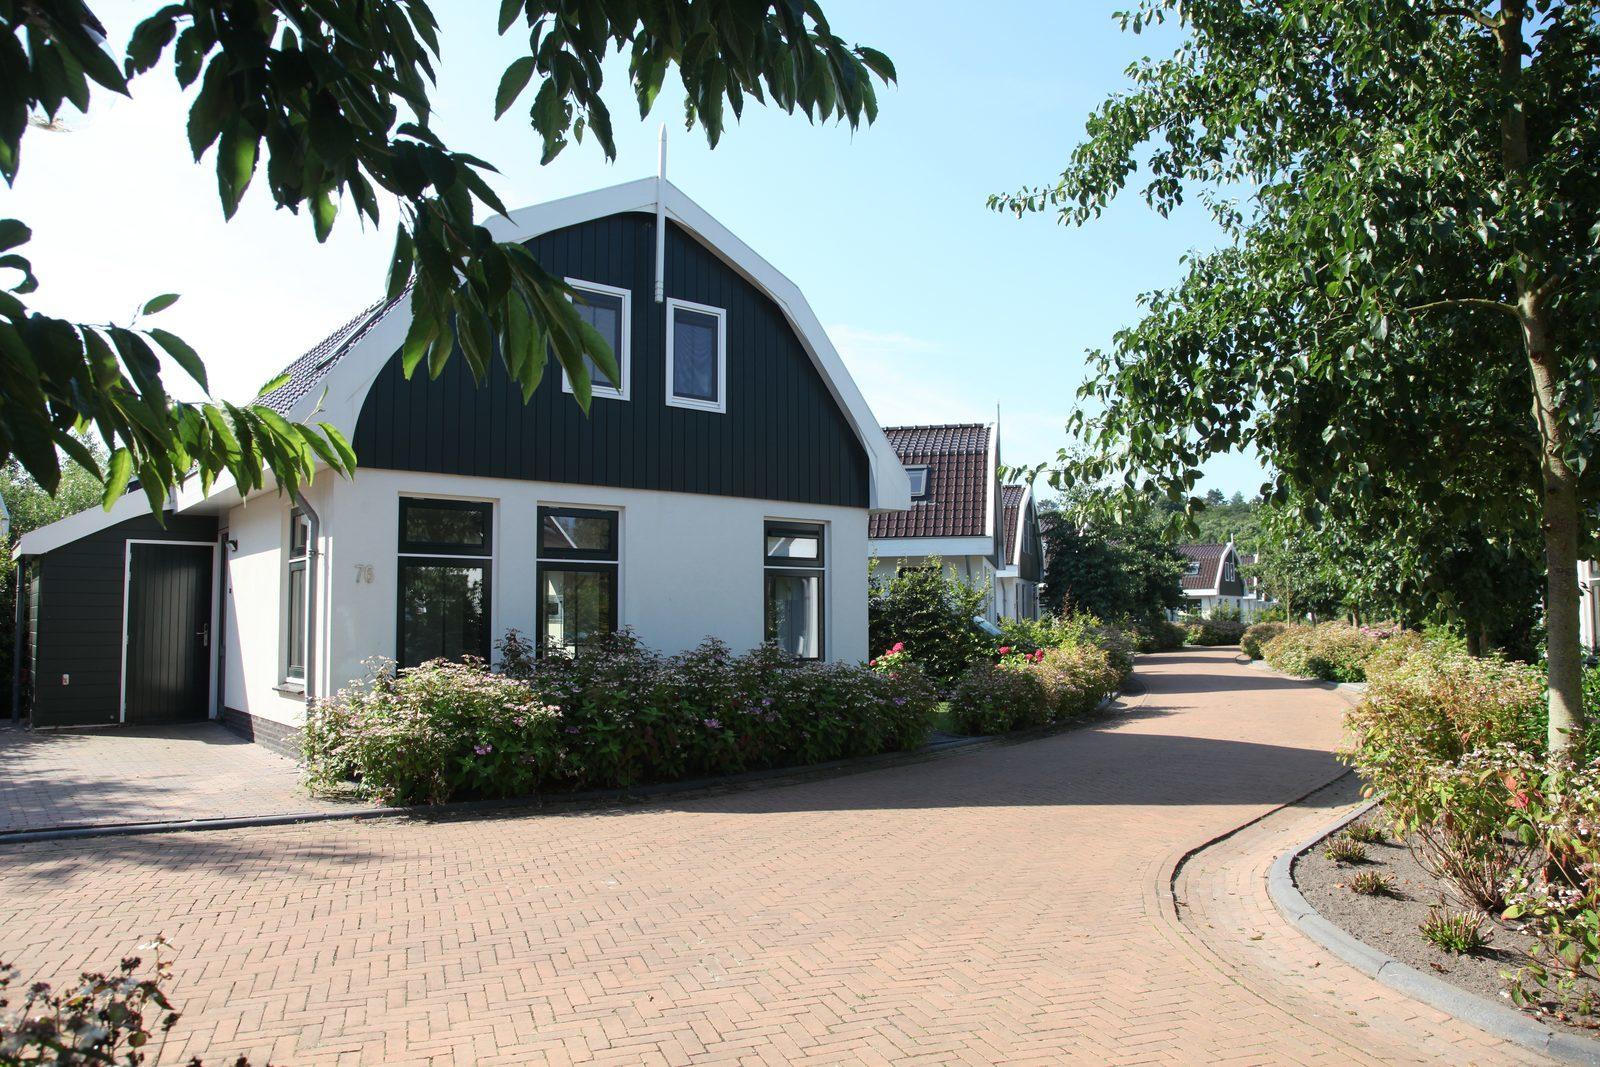 Vakantiehuis Alkmaar